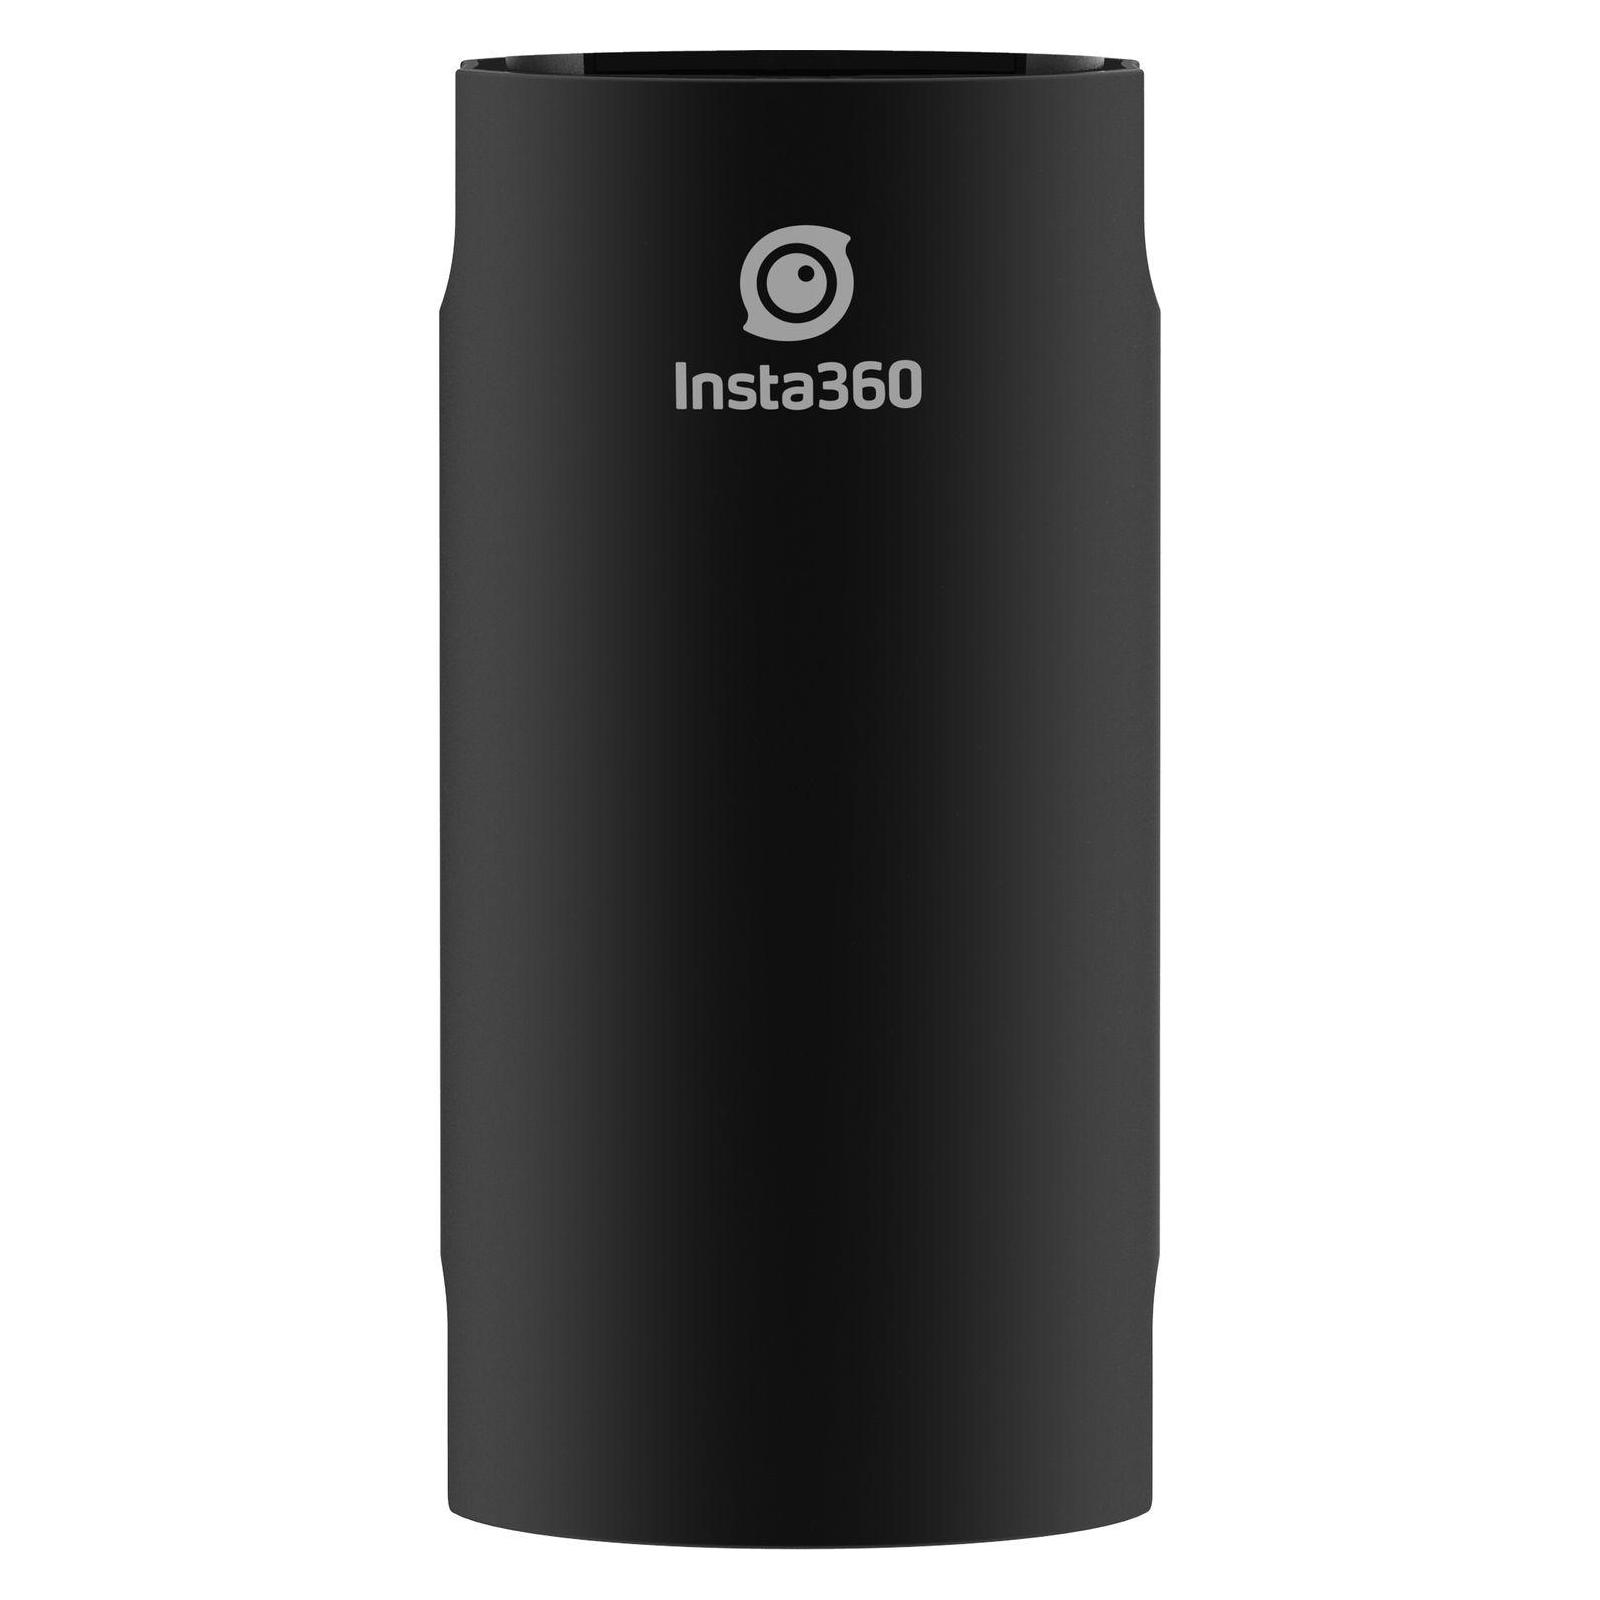 Цифровая видеокамера Insta360 One (305000) изображение 9